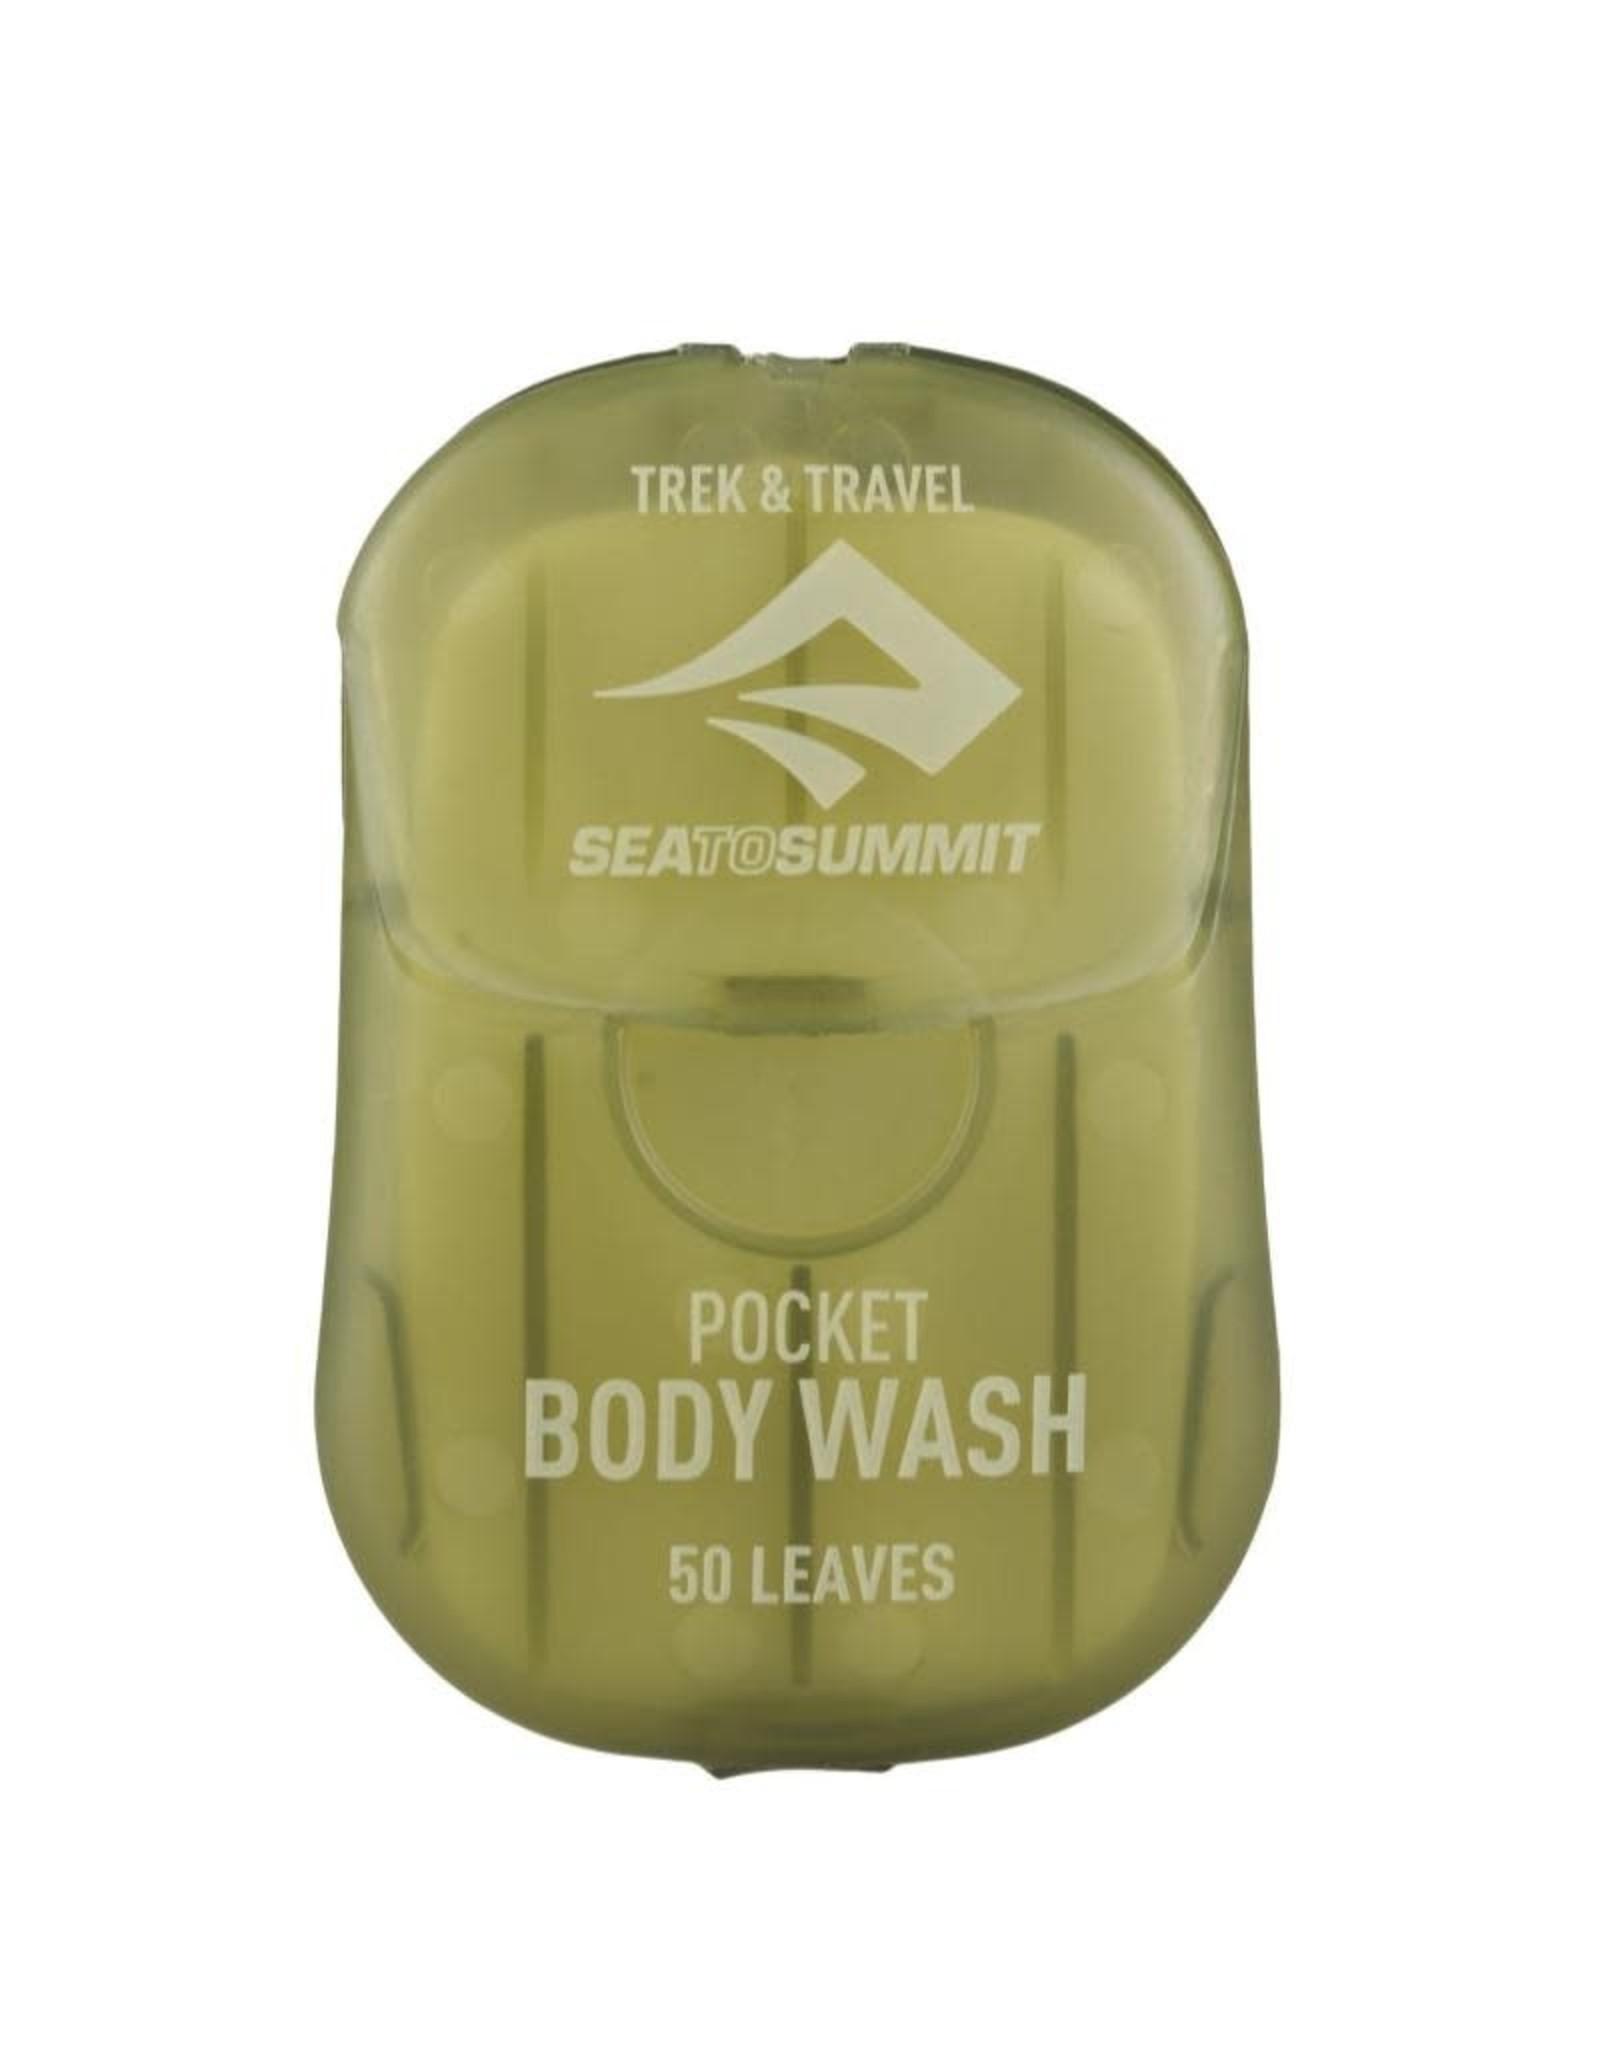 Pocket Body Wash